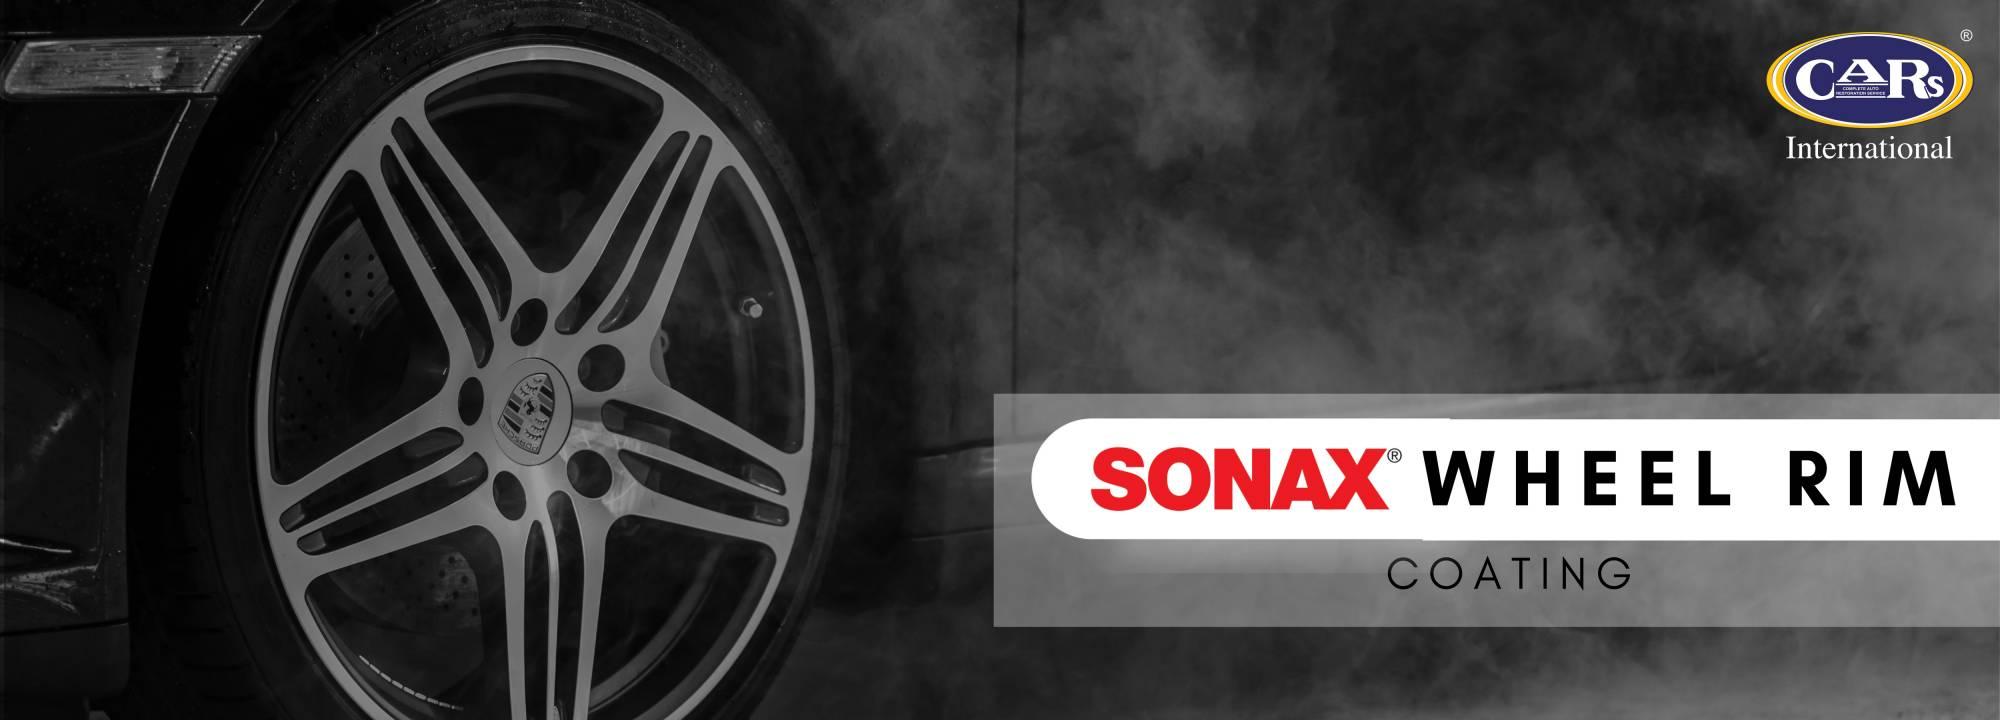 Sonax Wheel